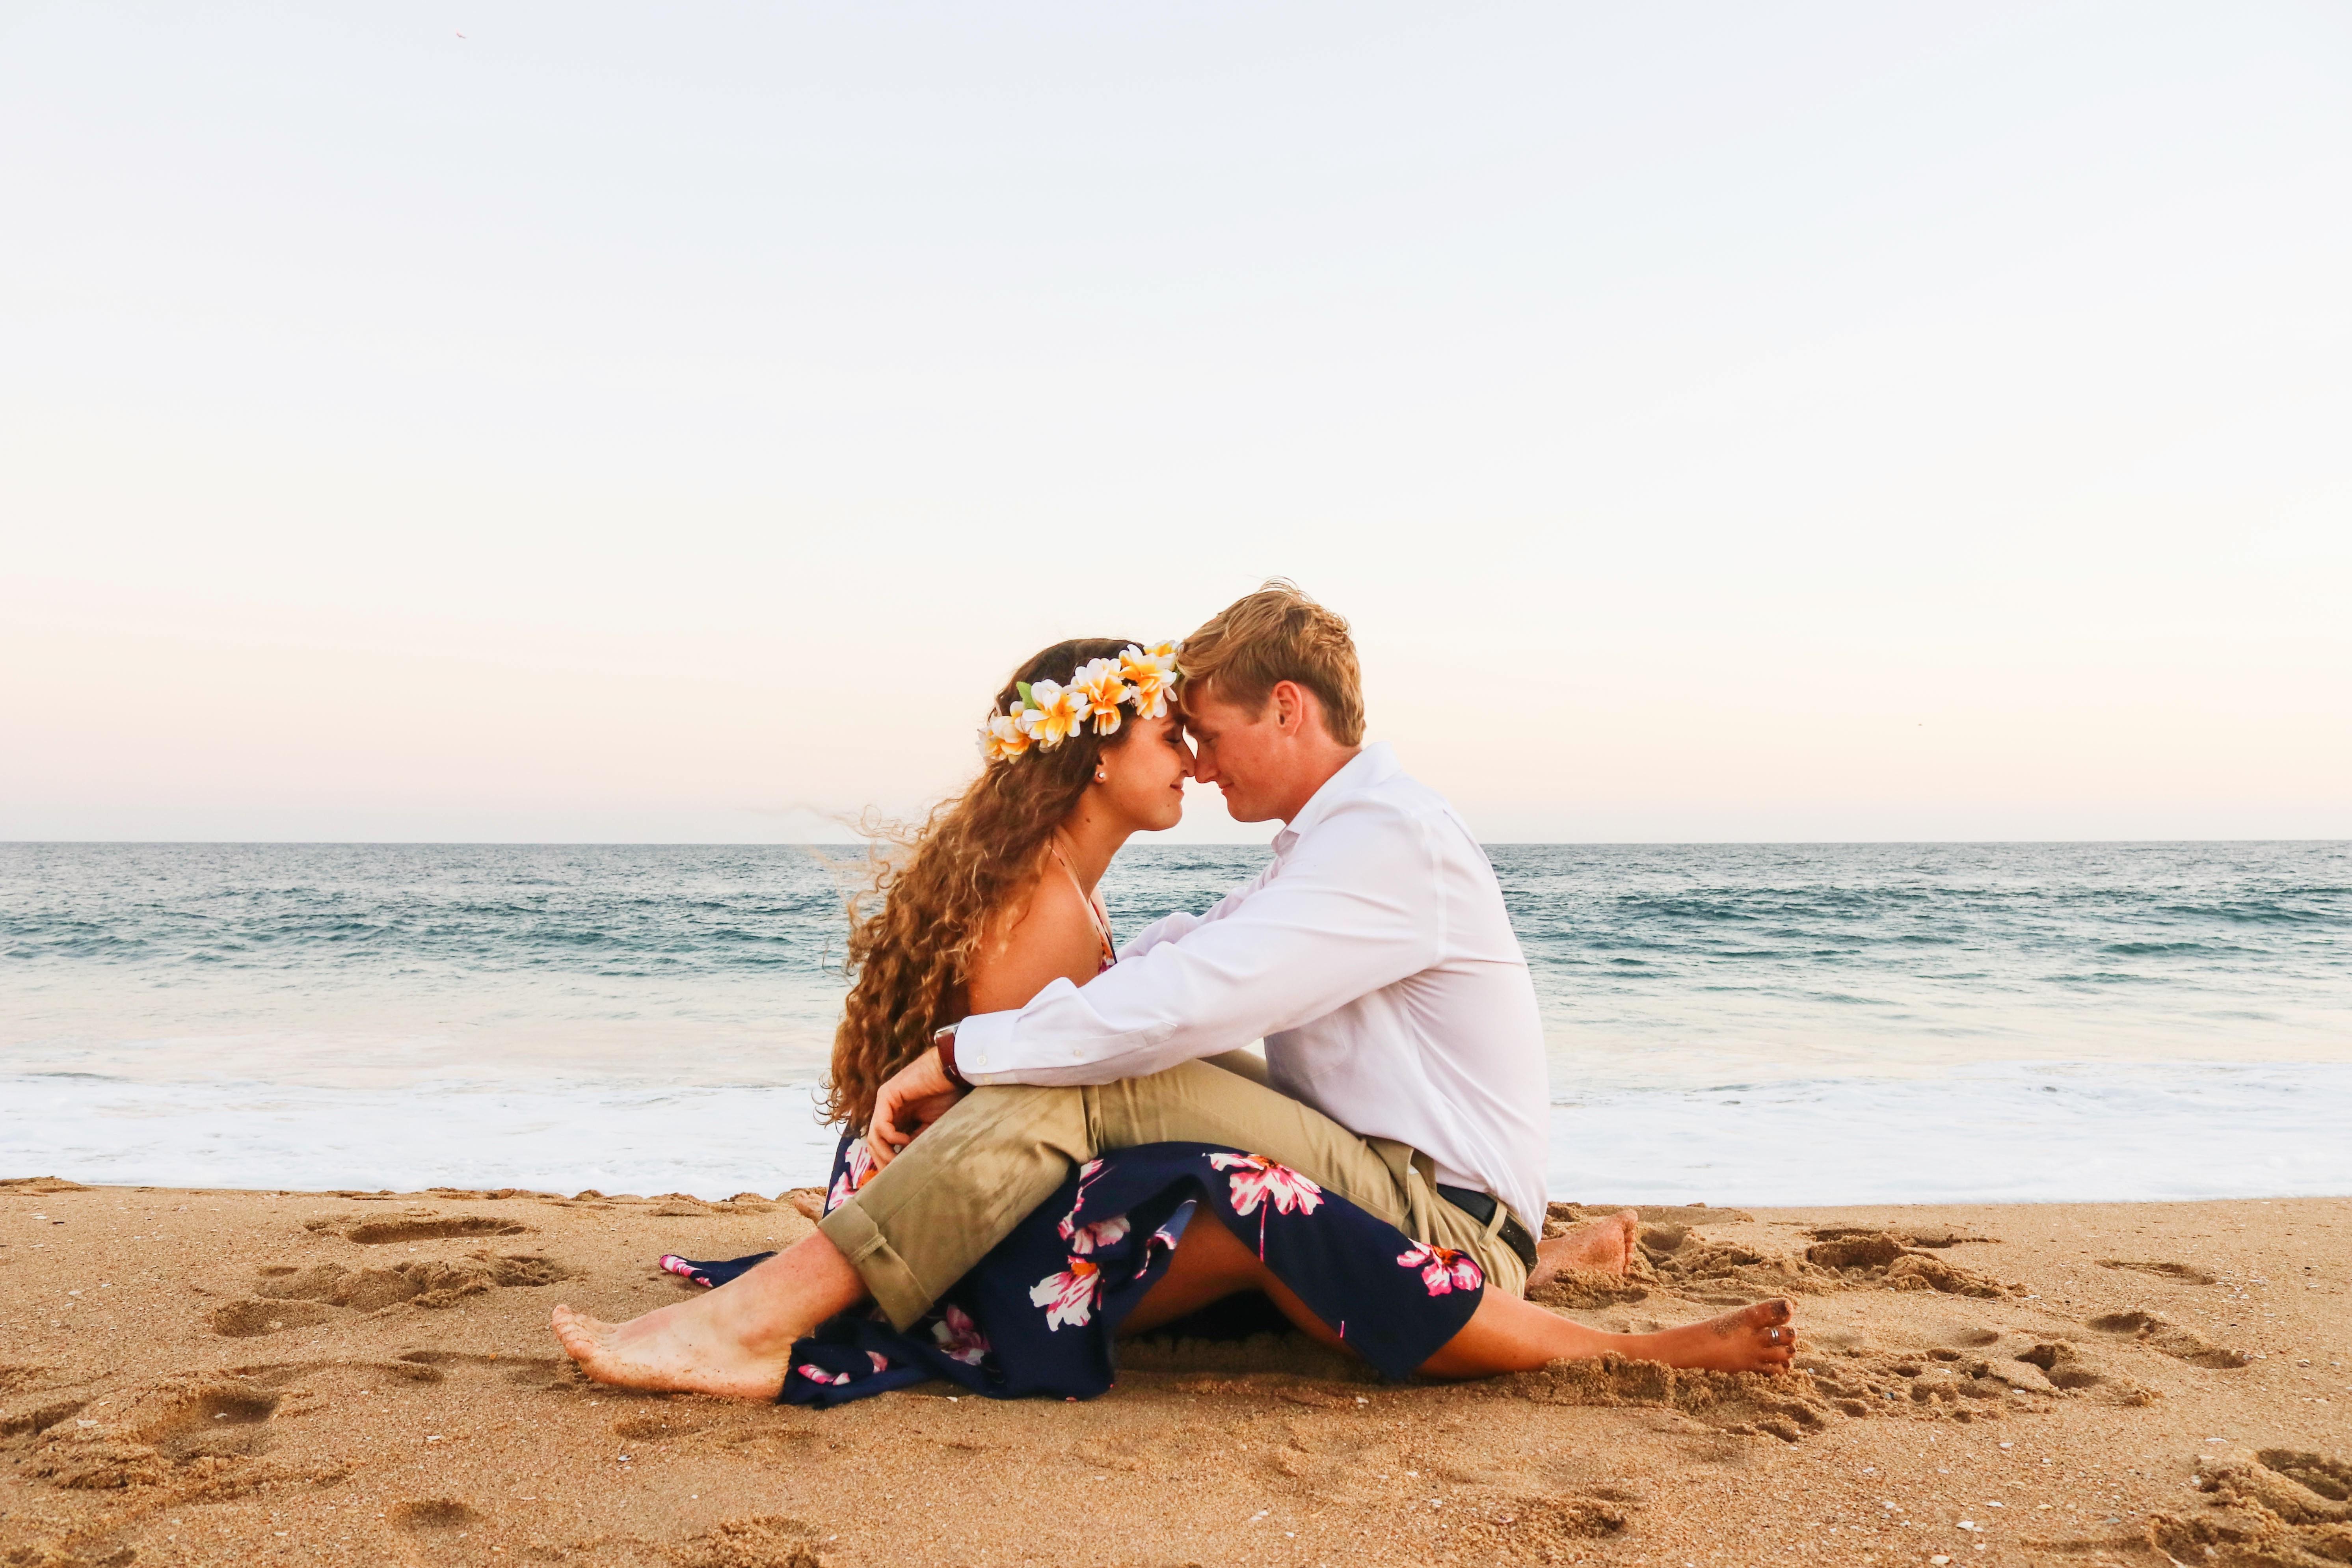 恋に悩みセンチメンタルになっている女の子と彼氏の画像